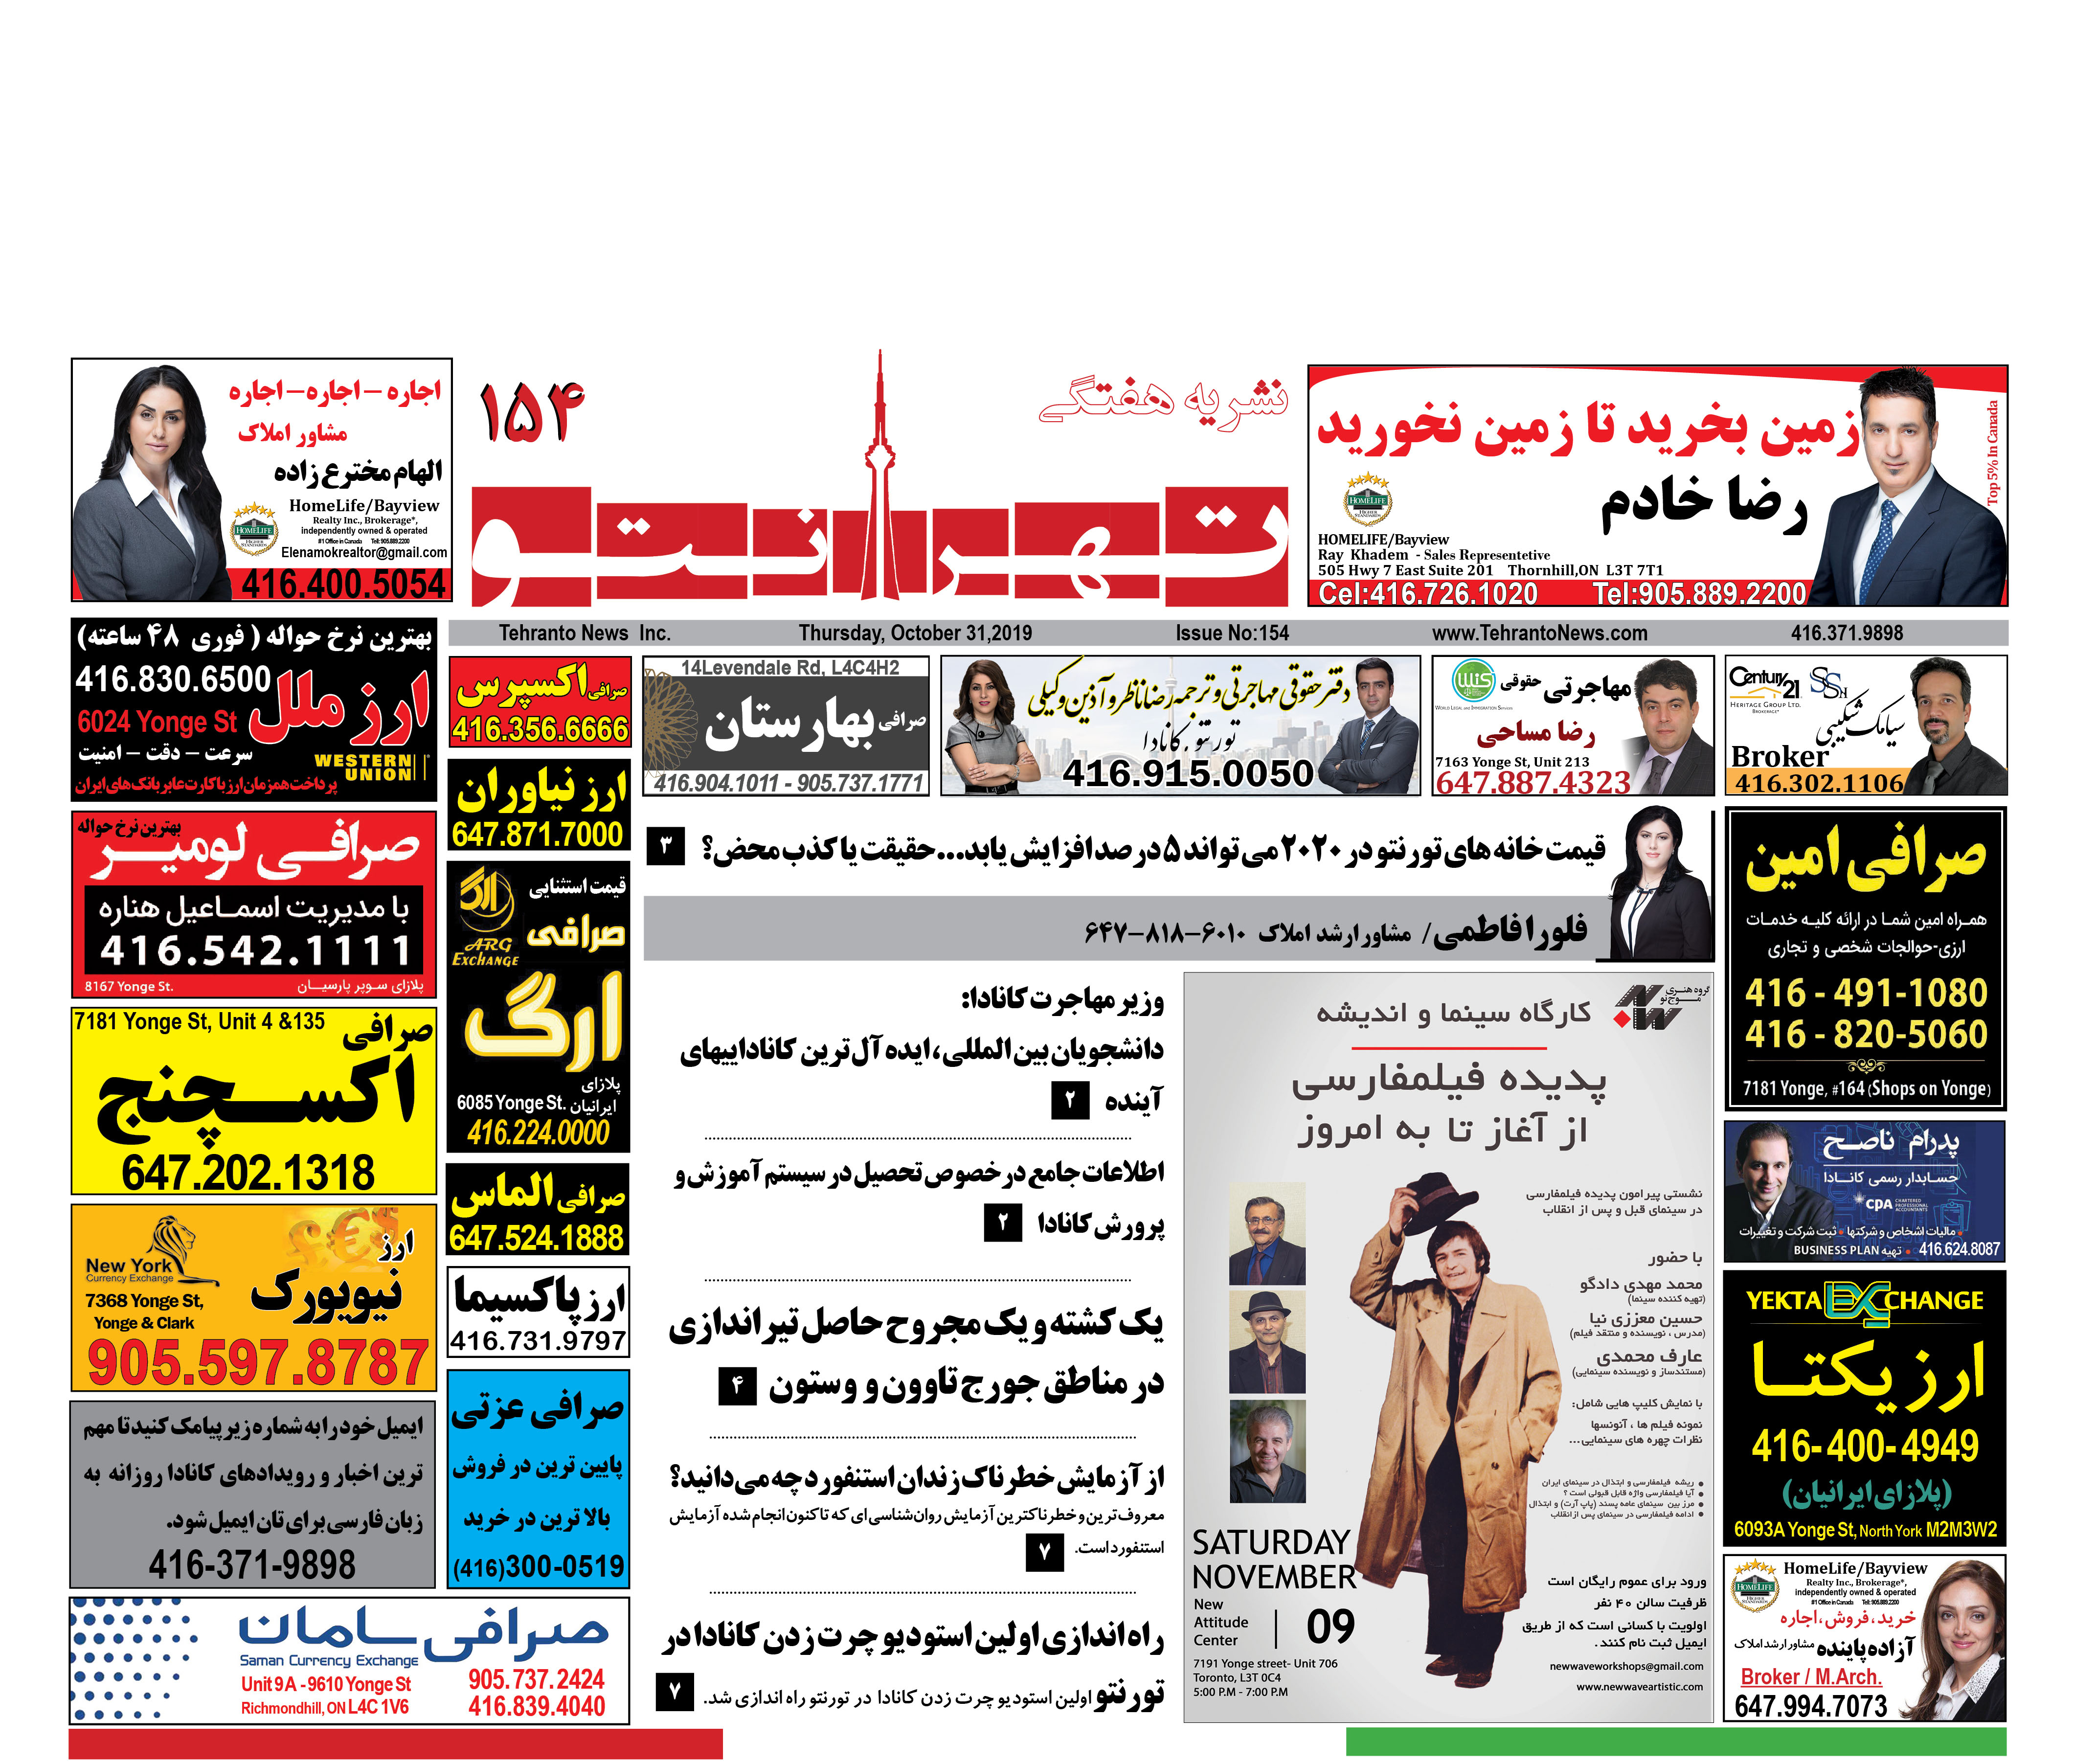 تصویر از نشریه شماره ۱۵۴ تهرانتو منتشر شد